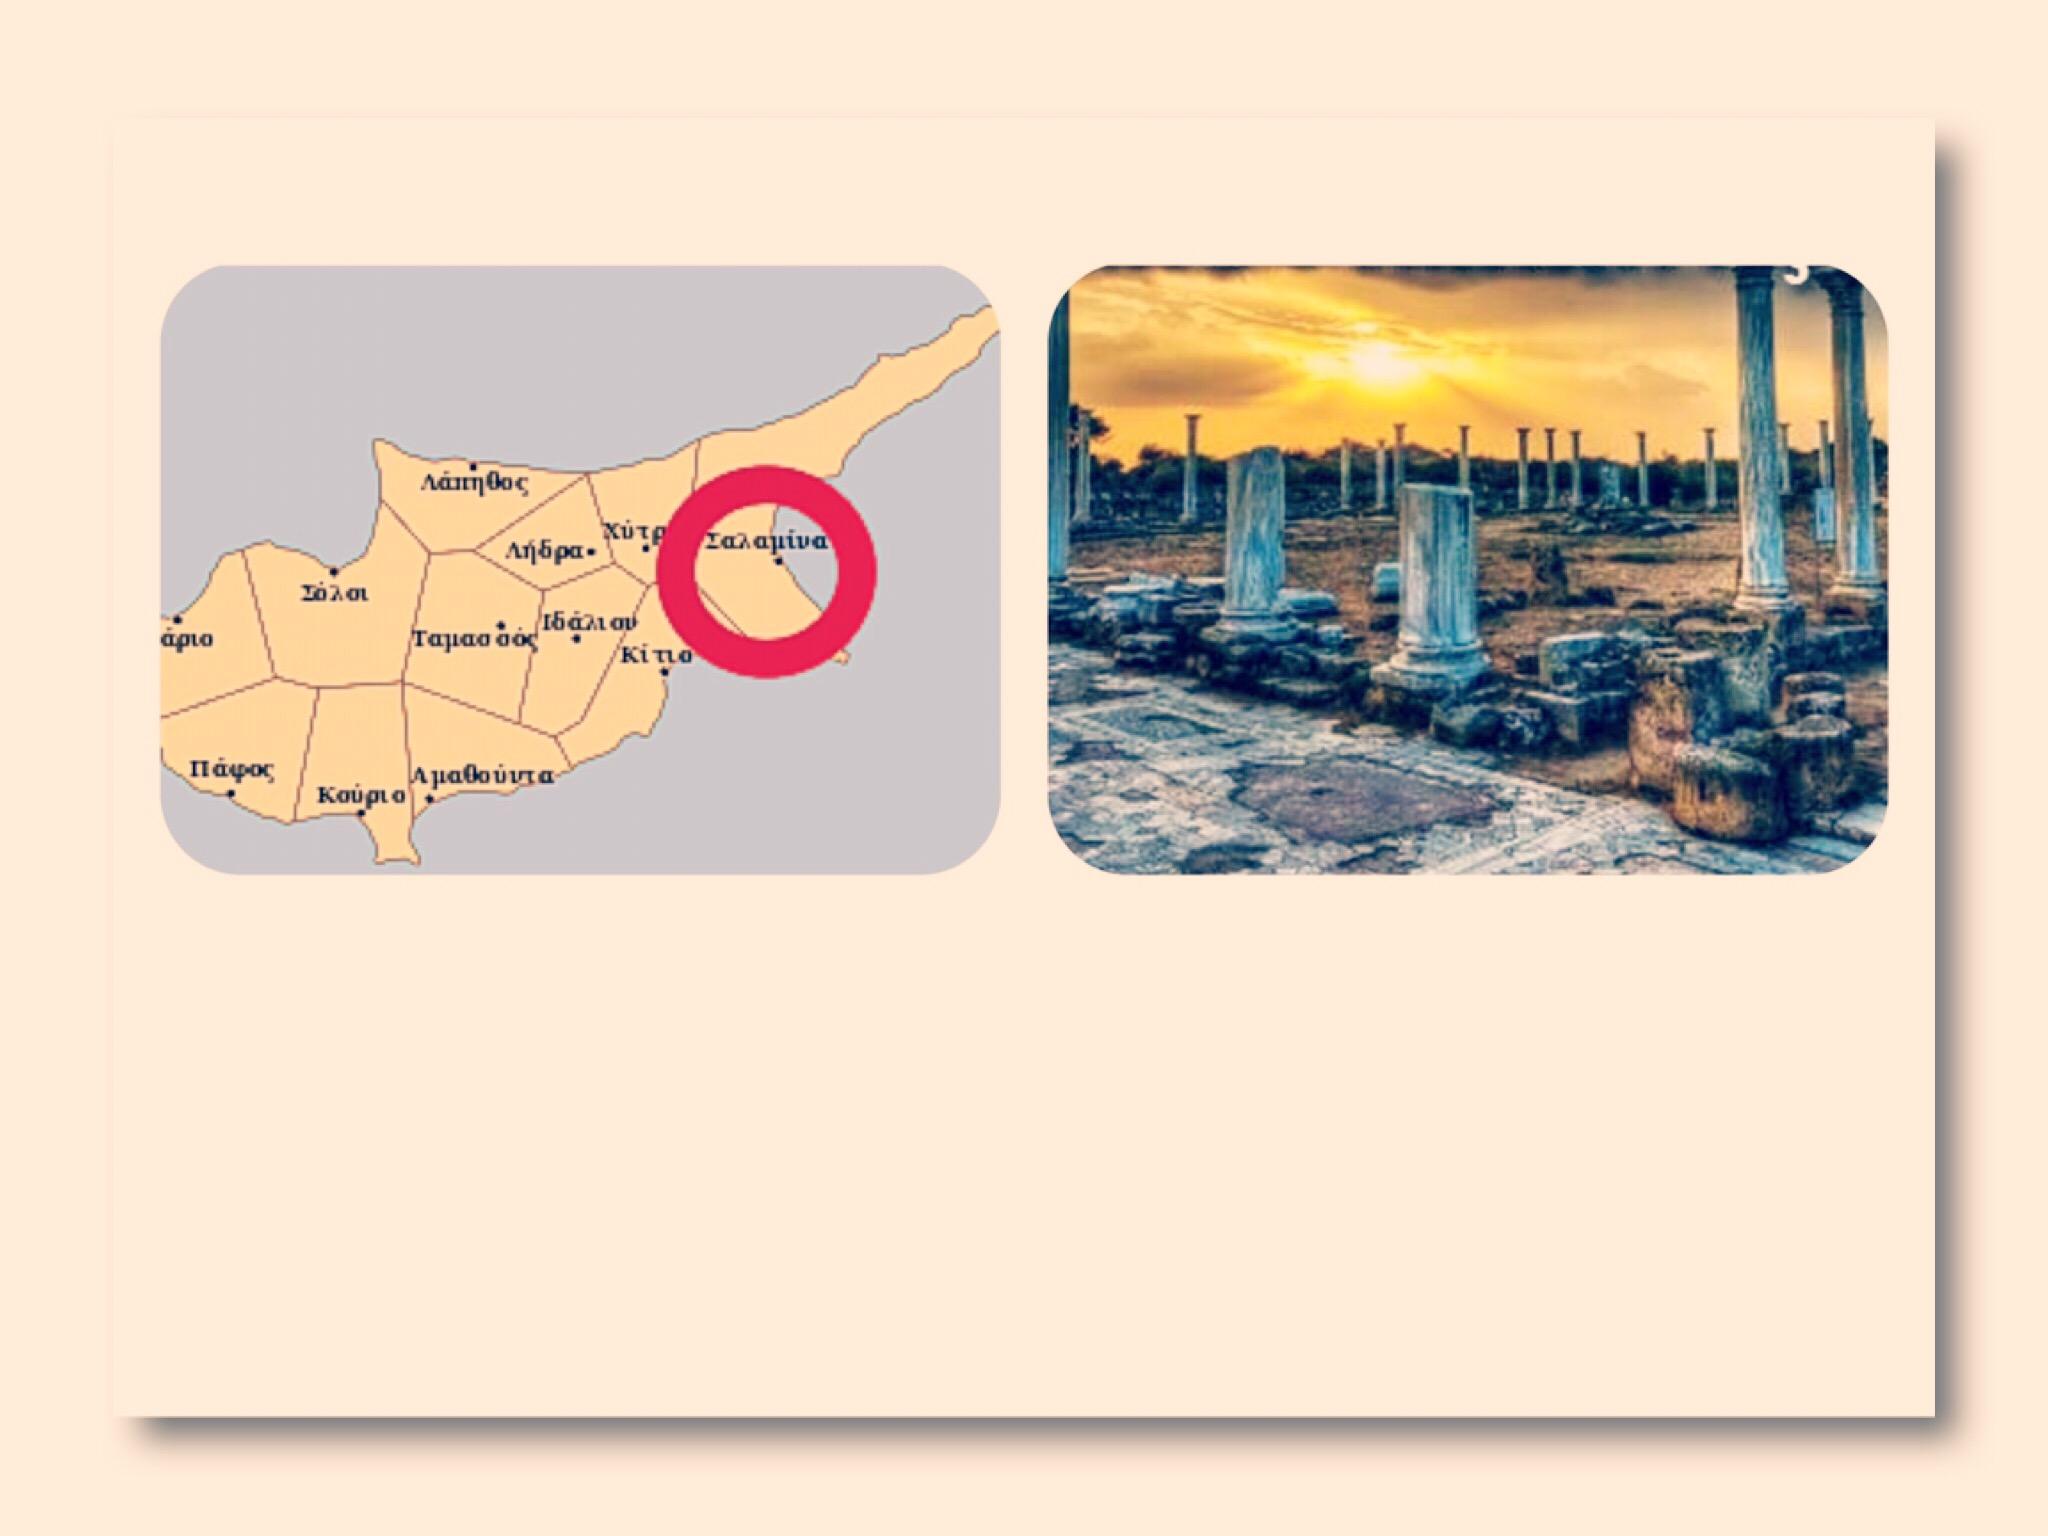 Σβήνει η Αρχαία Σαλαμίνα την Μετατρέπουν Οικιστική Ζώνη οι Τούρκο/Κυπριοι